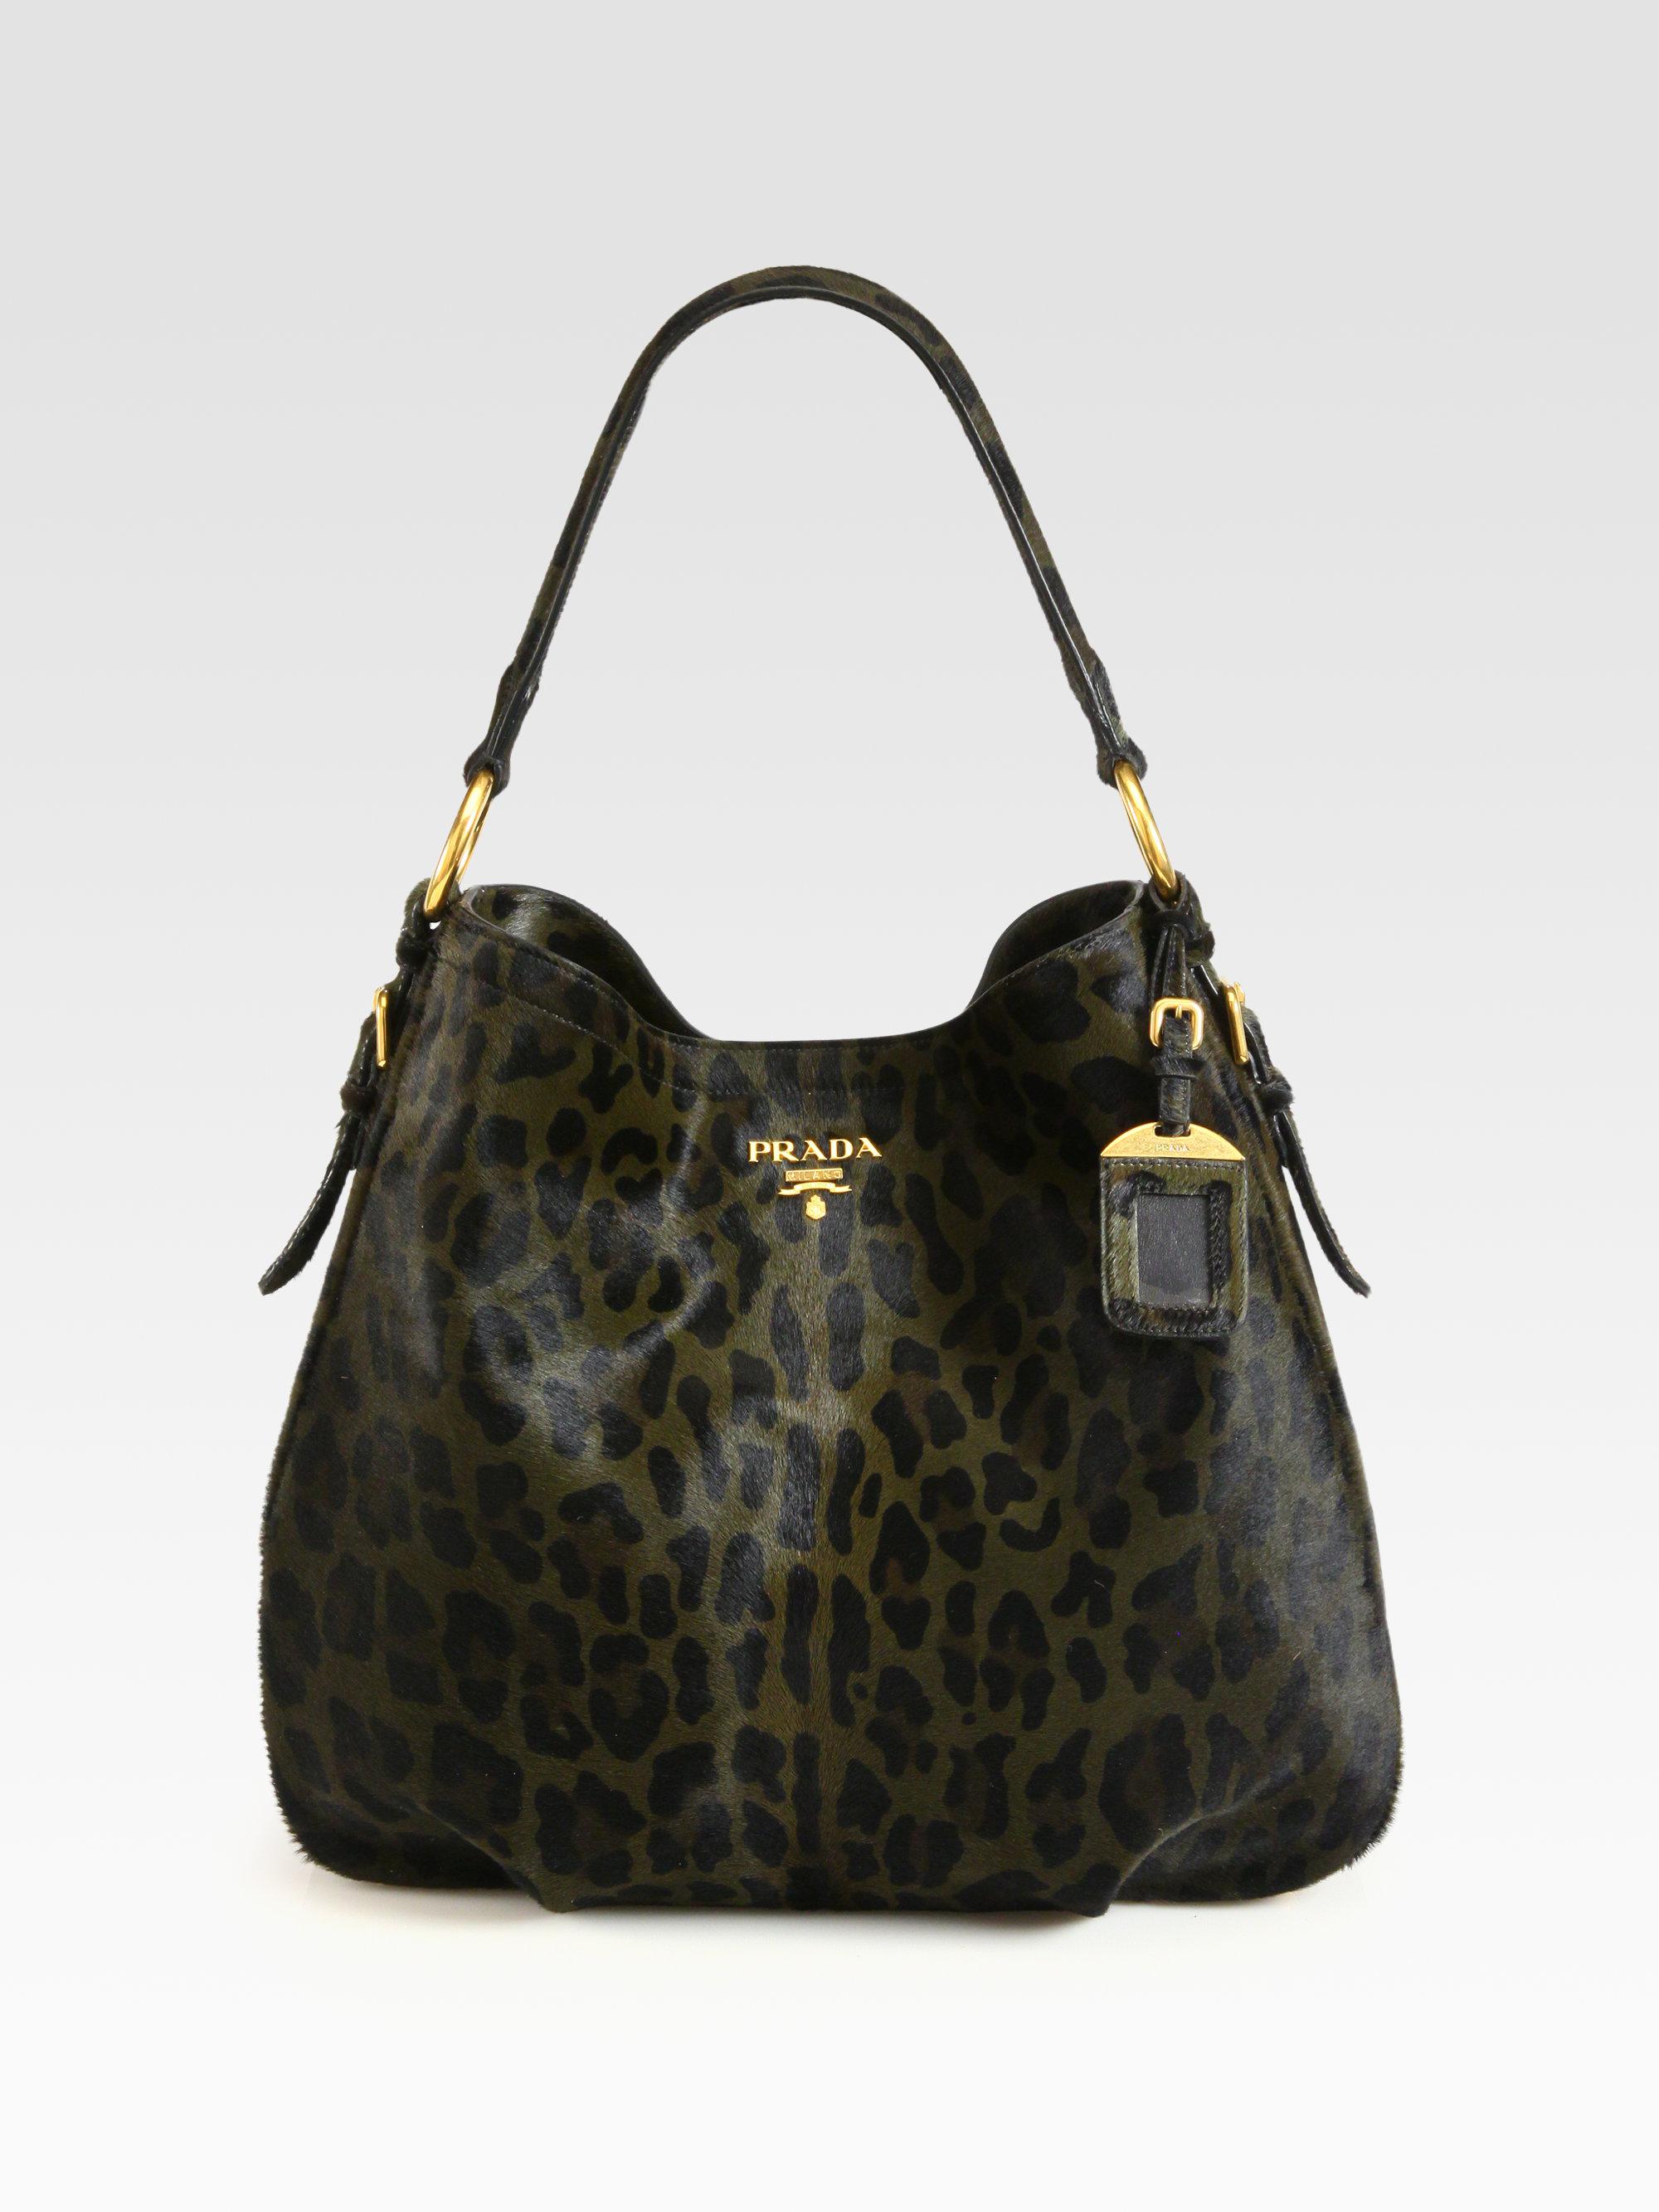 www prada handbag com - prada cavallino calf hair double bag, fake prada purses